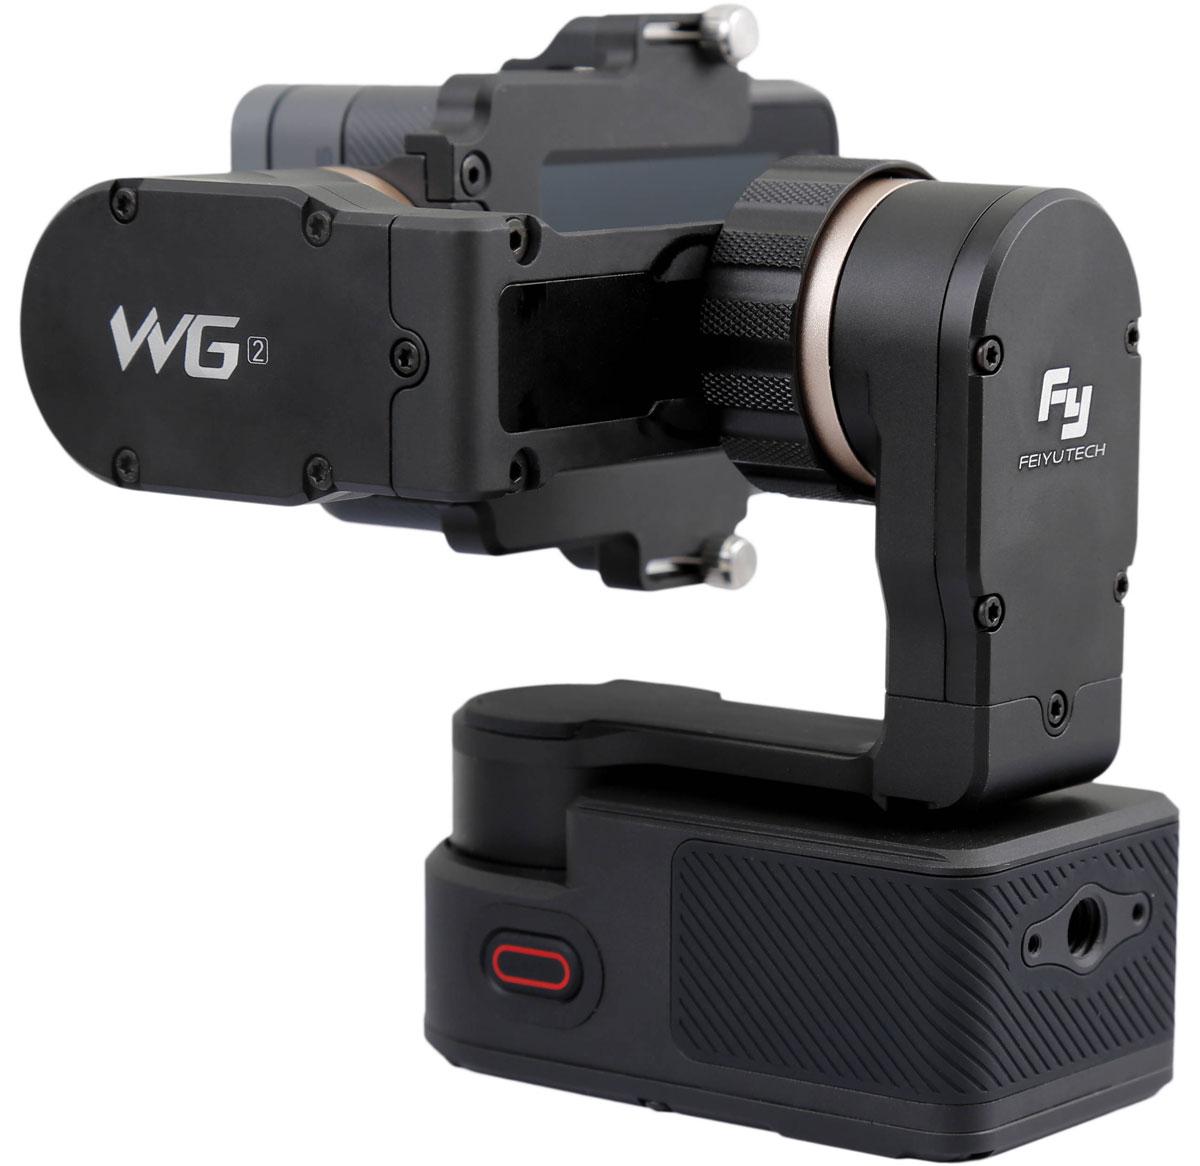 Feiyu Tech WG2, Black трехосевой стабилизаторWG2Водонепроницаемый трехосевой стабилизатор Feiyu Tech WG2 предлагает больше возможностей для создания фотоснимков.Благодаря революционному дизайну и сверхточному механизму WG2 может быть использован в различных ситуациях: во время дождя, попадании капель влаги и даже под водой, на глубине до 0.5 м, что удобно во время подводного плавания, серфинга или съемок в дождливый день. Данная модель имеет облегченную конструкцию, уникальный дизайн и содержит оптимизированные электродвигатели без щеток с высокой мощностью и низким потреблением энергии